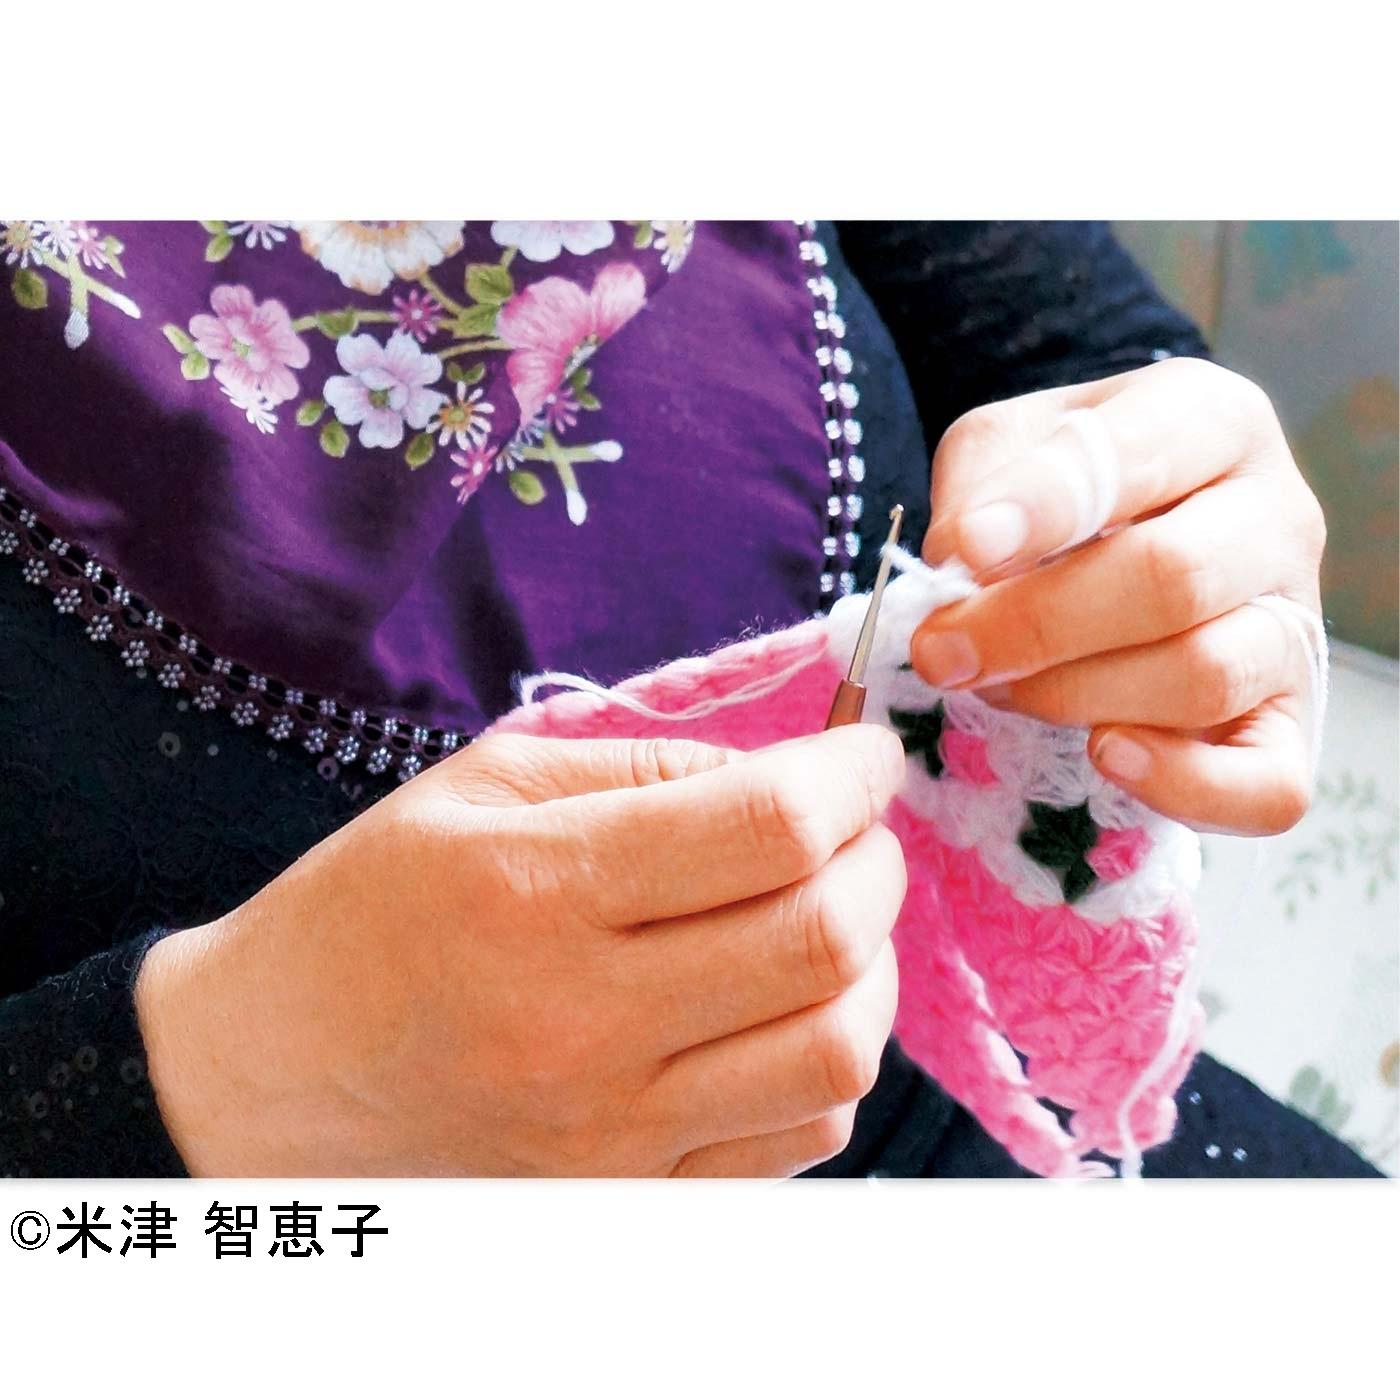 """トルコで生まれた""""リフ編み"""" 毛糸は本場トルコから直輸入!! ほかにはないやわらかさです。 トルコでは手づくりのリフを贈り合います。"""